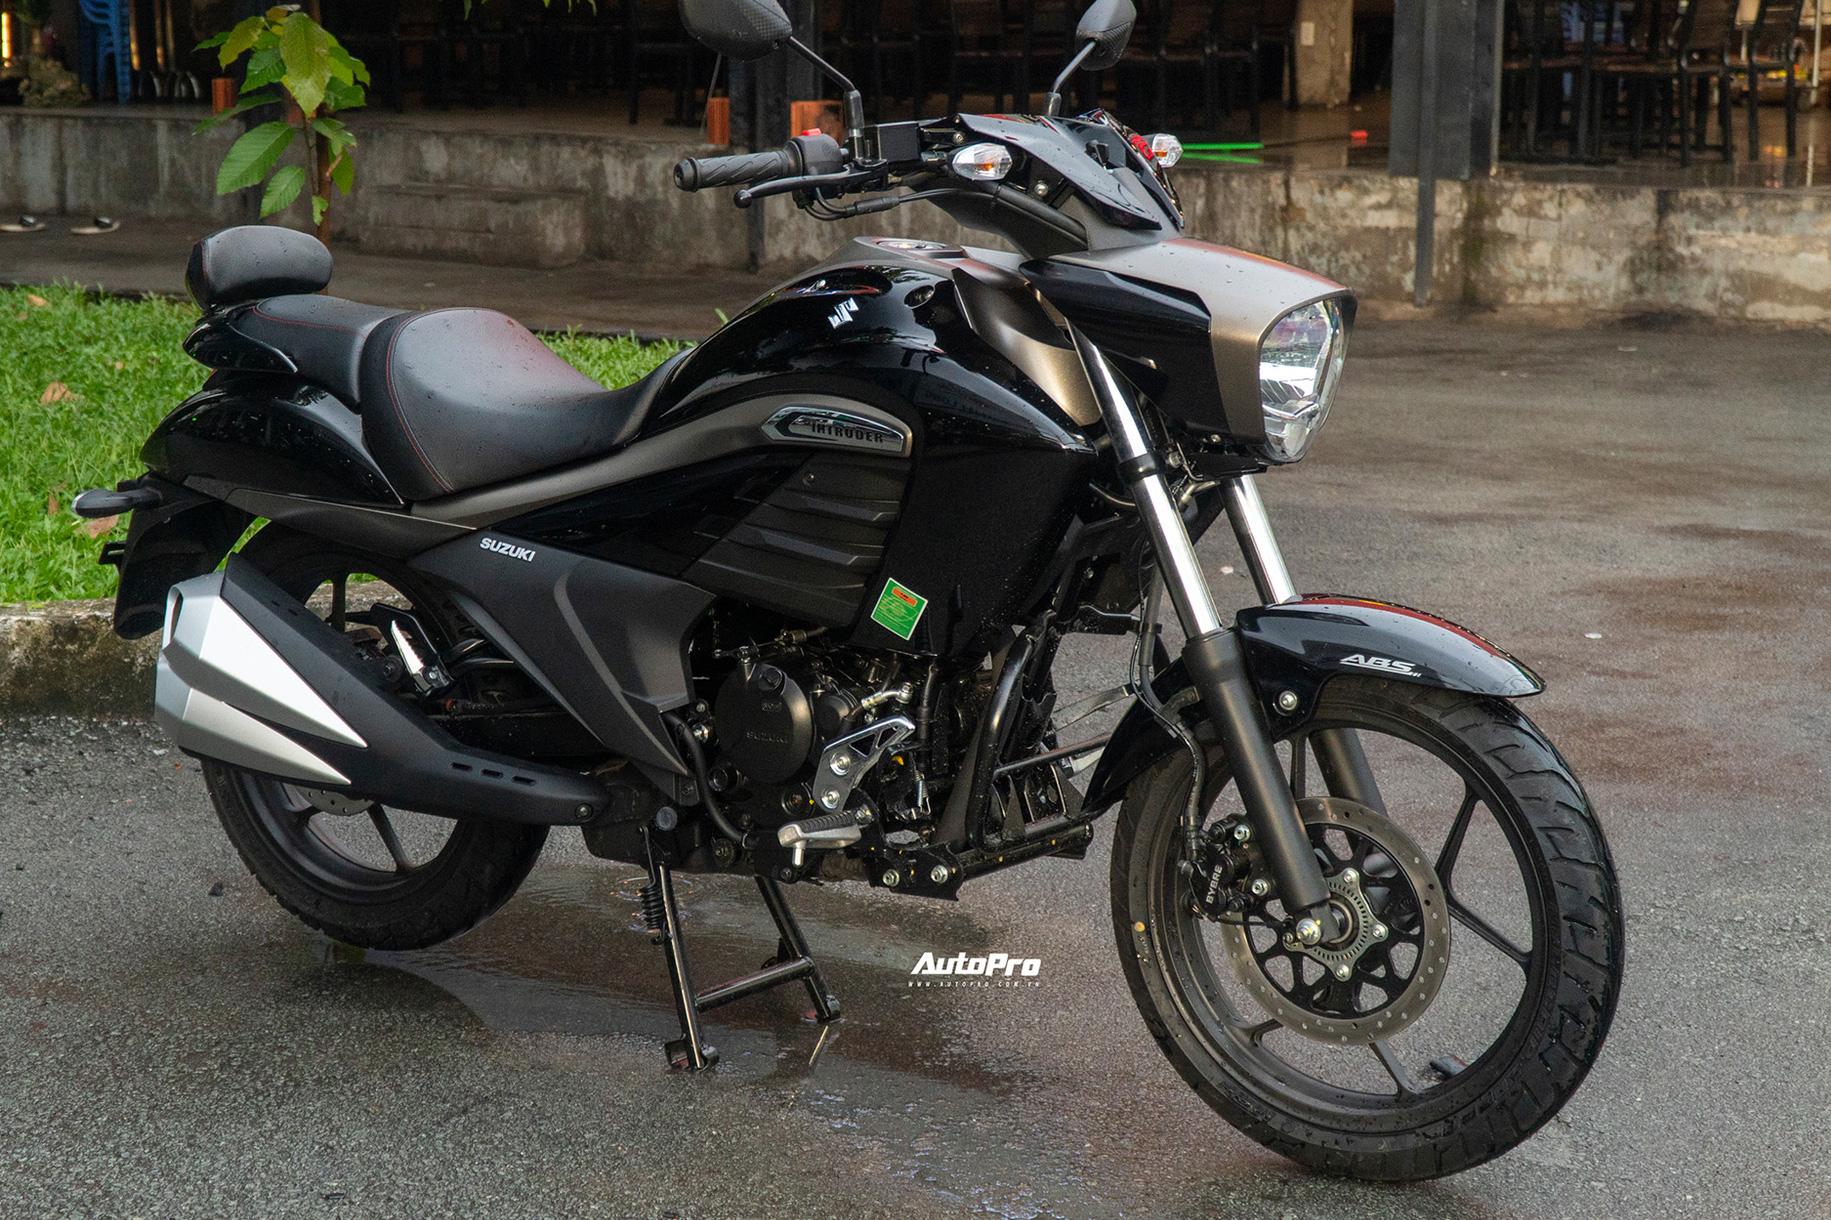 Chi tiết Suzuki Intruder 150 vừa ra mắt tại Việt Nam: Giá 90 triệu đồng, cruiser phân khúc bình dân